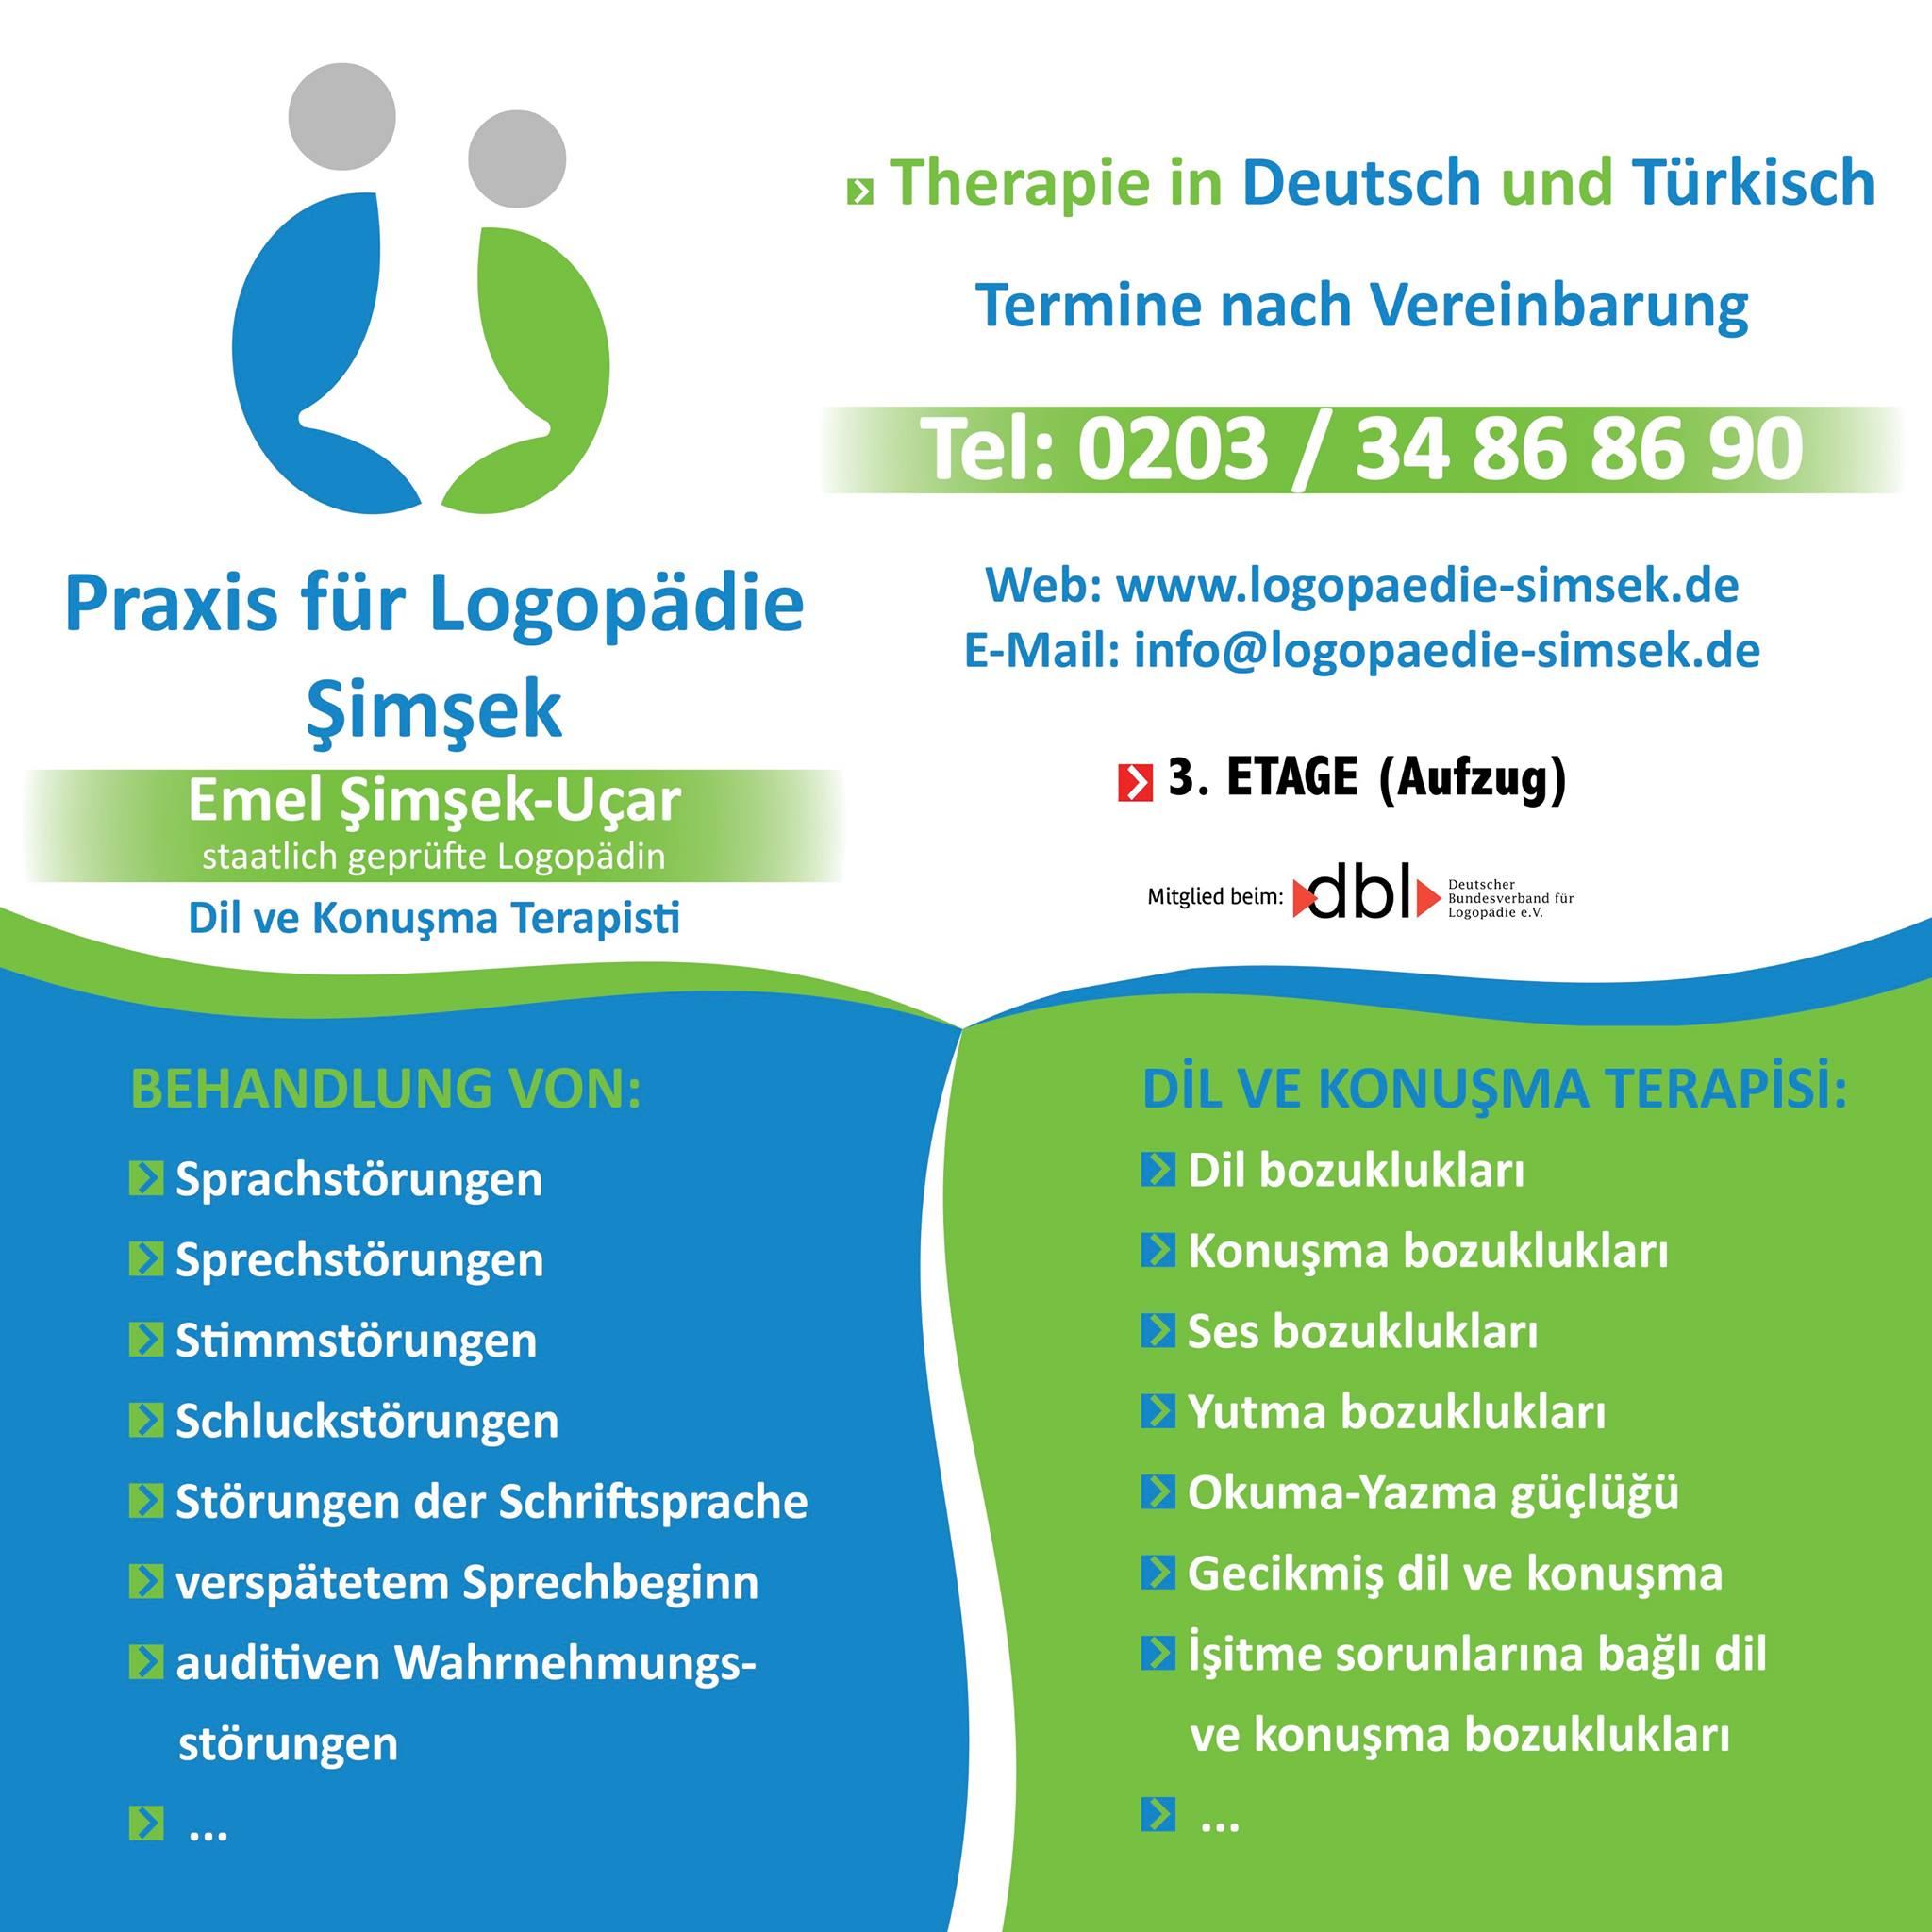 Praxis für Logopädie Şimşek